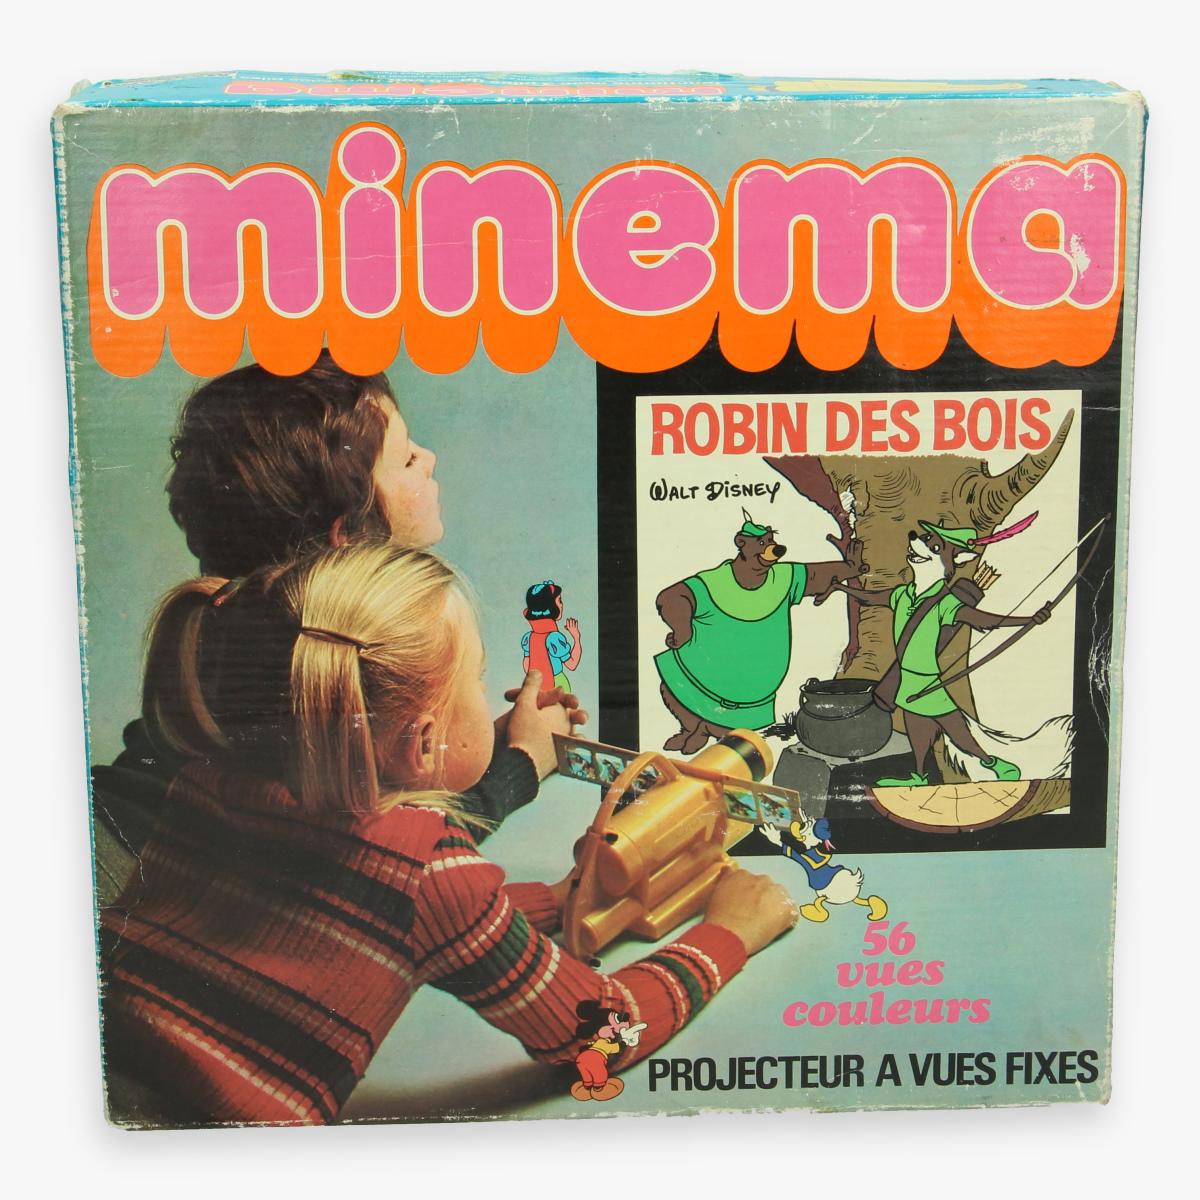 Afbeeldingen van minema projector - robin hood - meccano -kenner